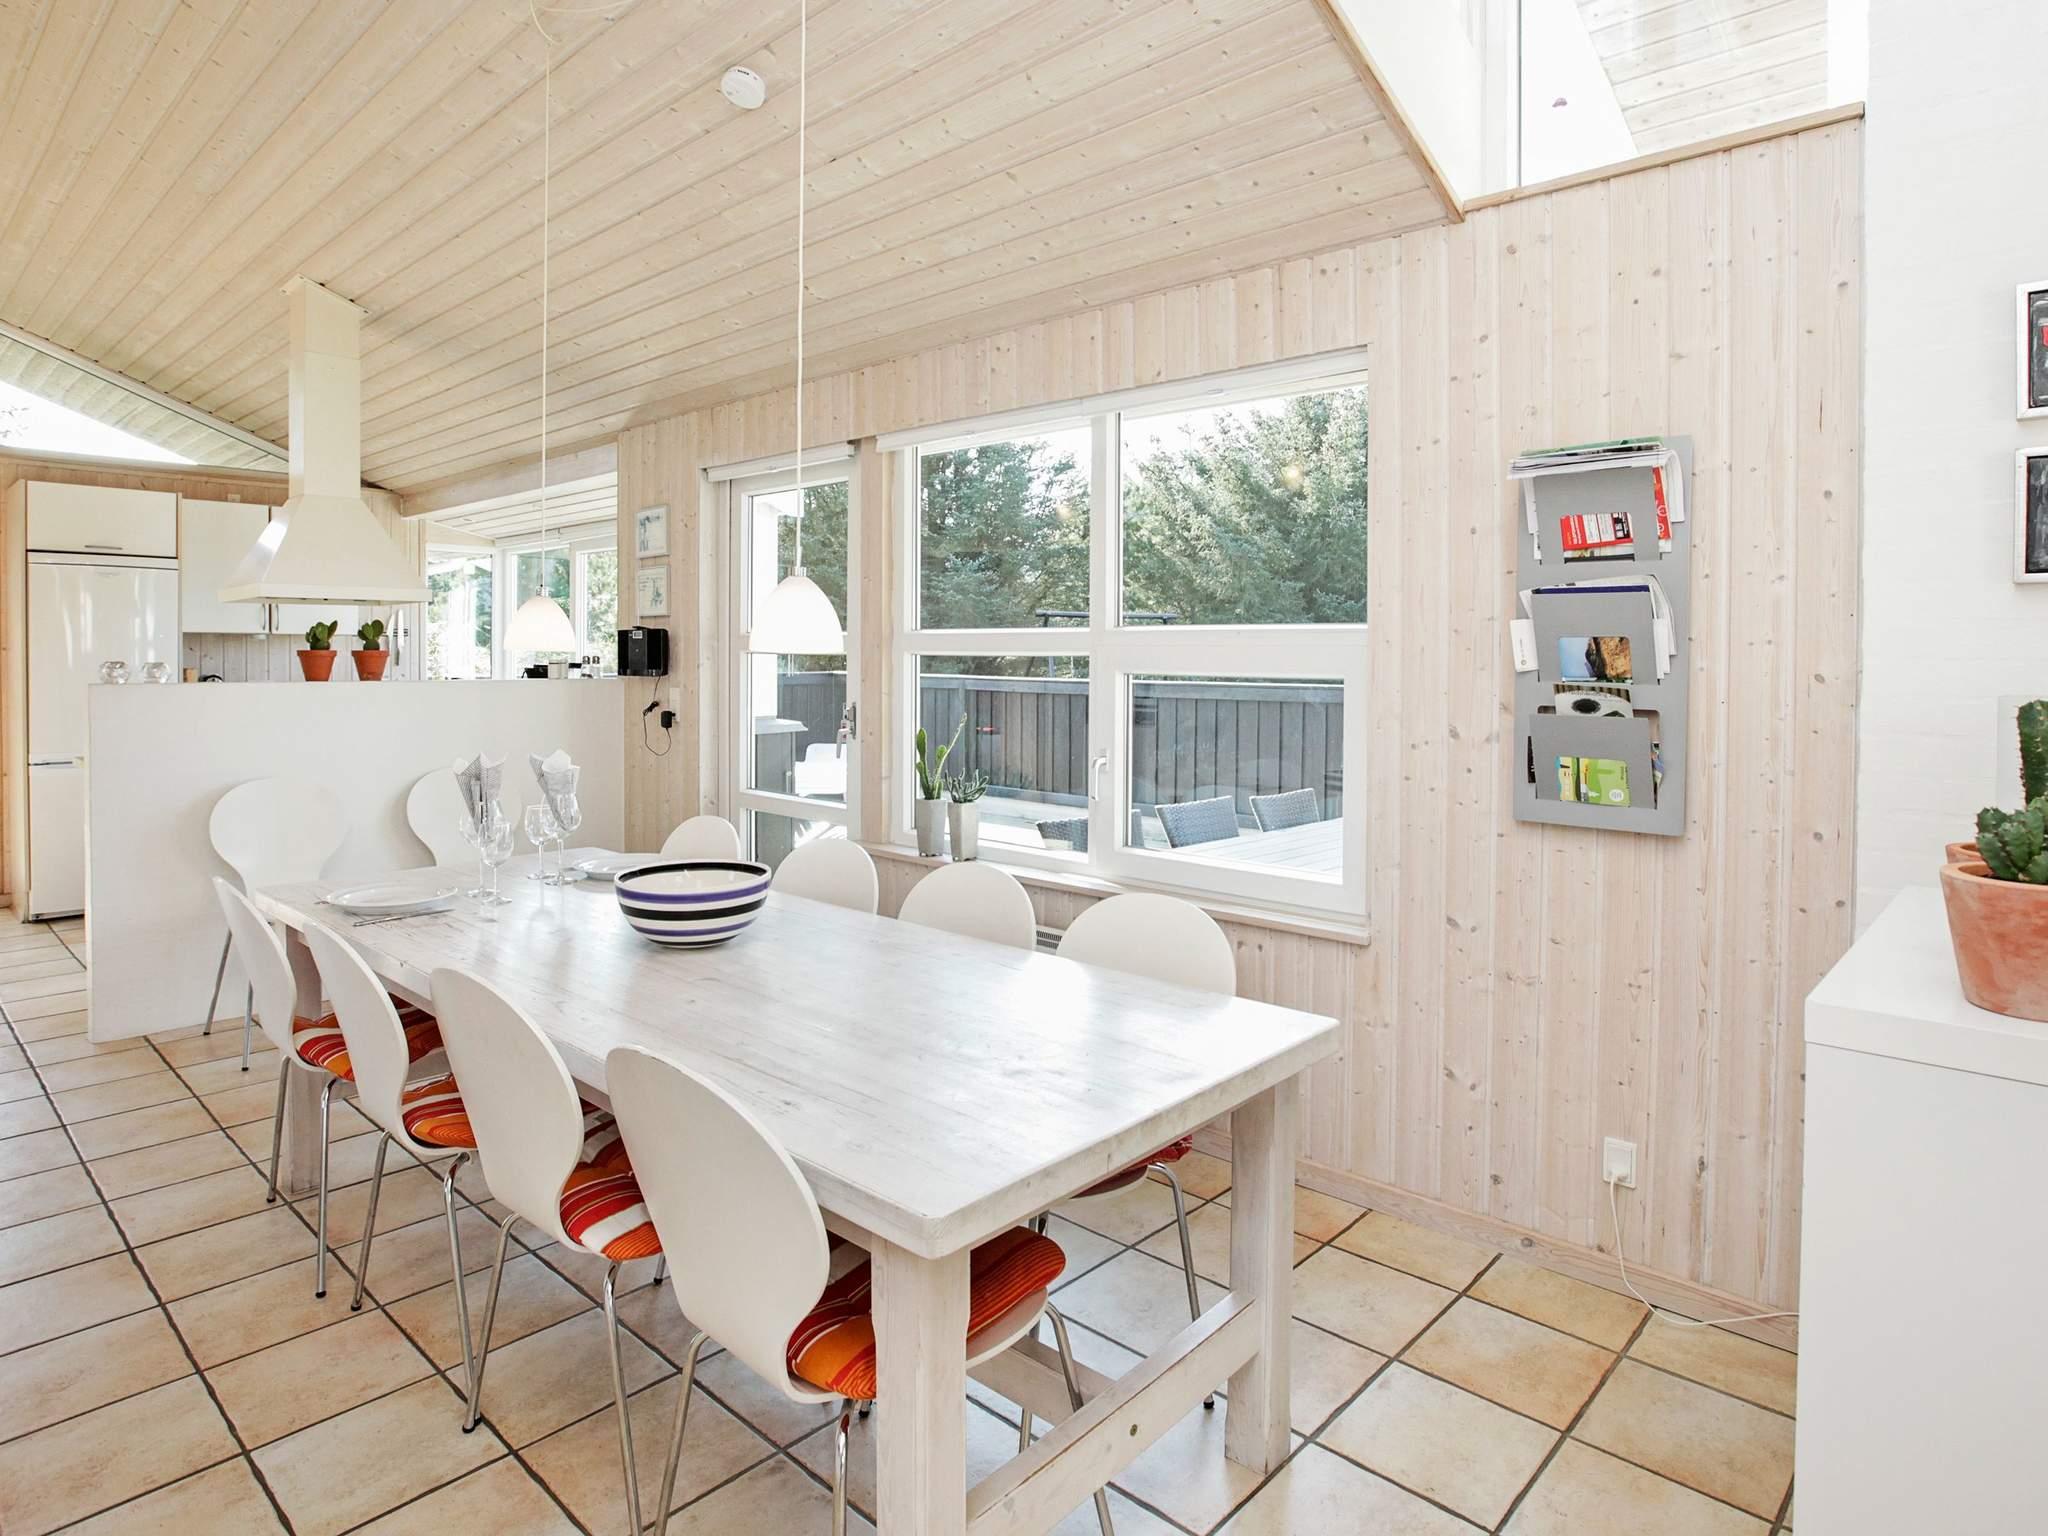 Ferienhaus Løkken (1960004), Løkken, , Nordwestjütland, Dänemark, Bild 3